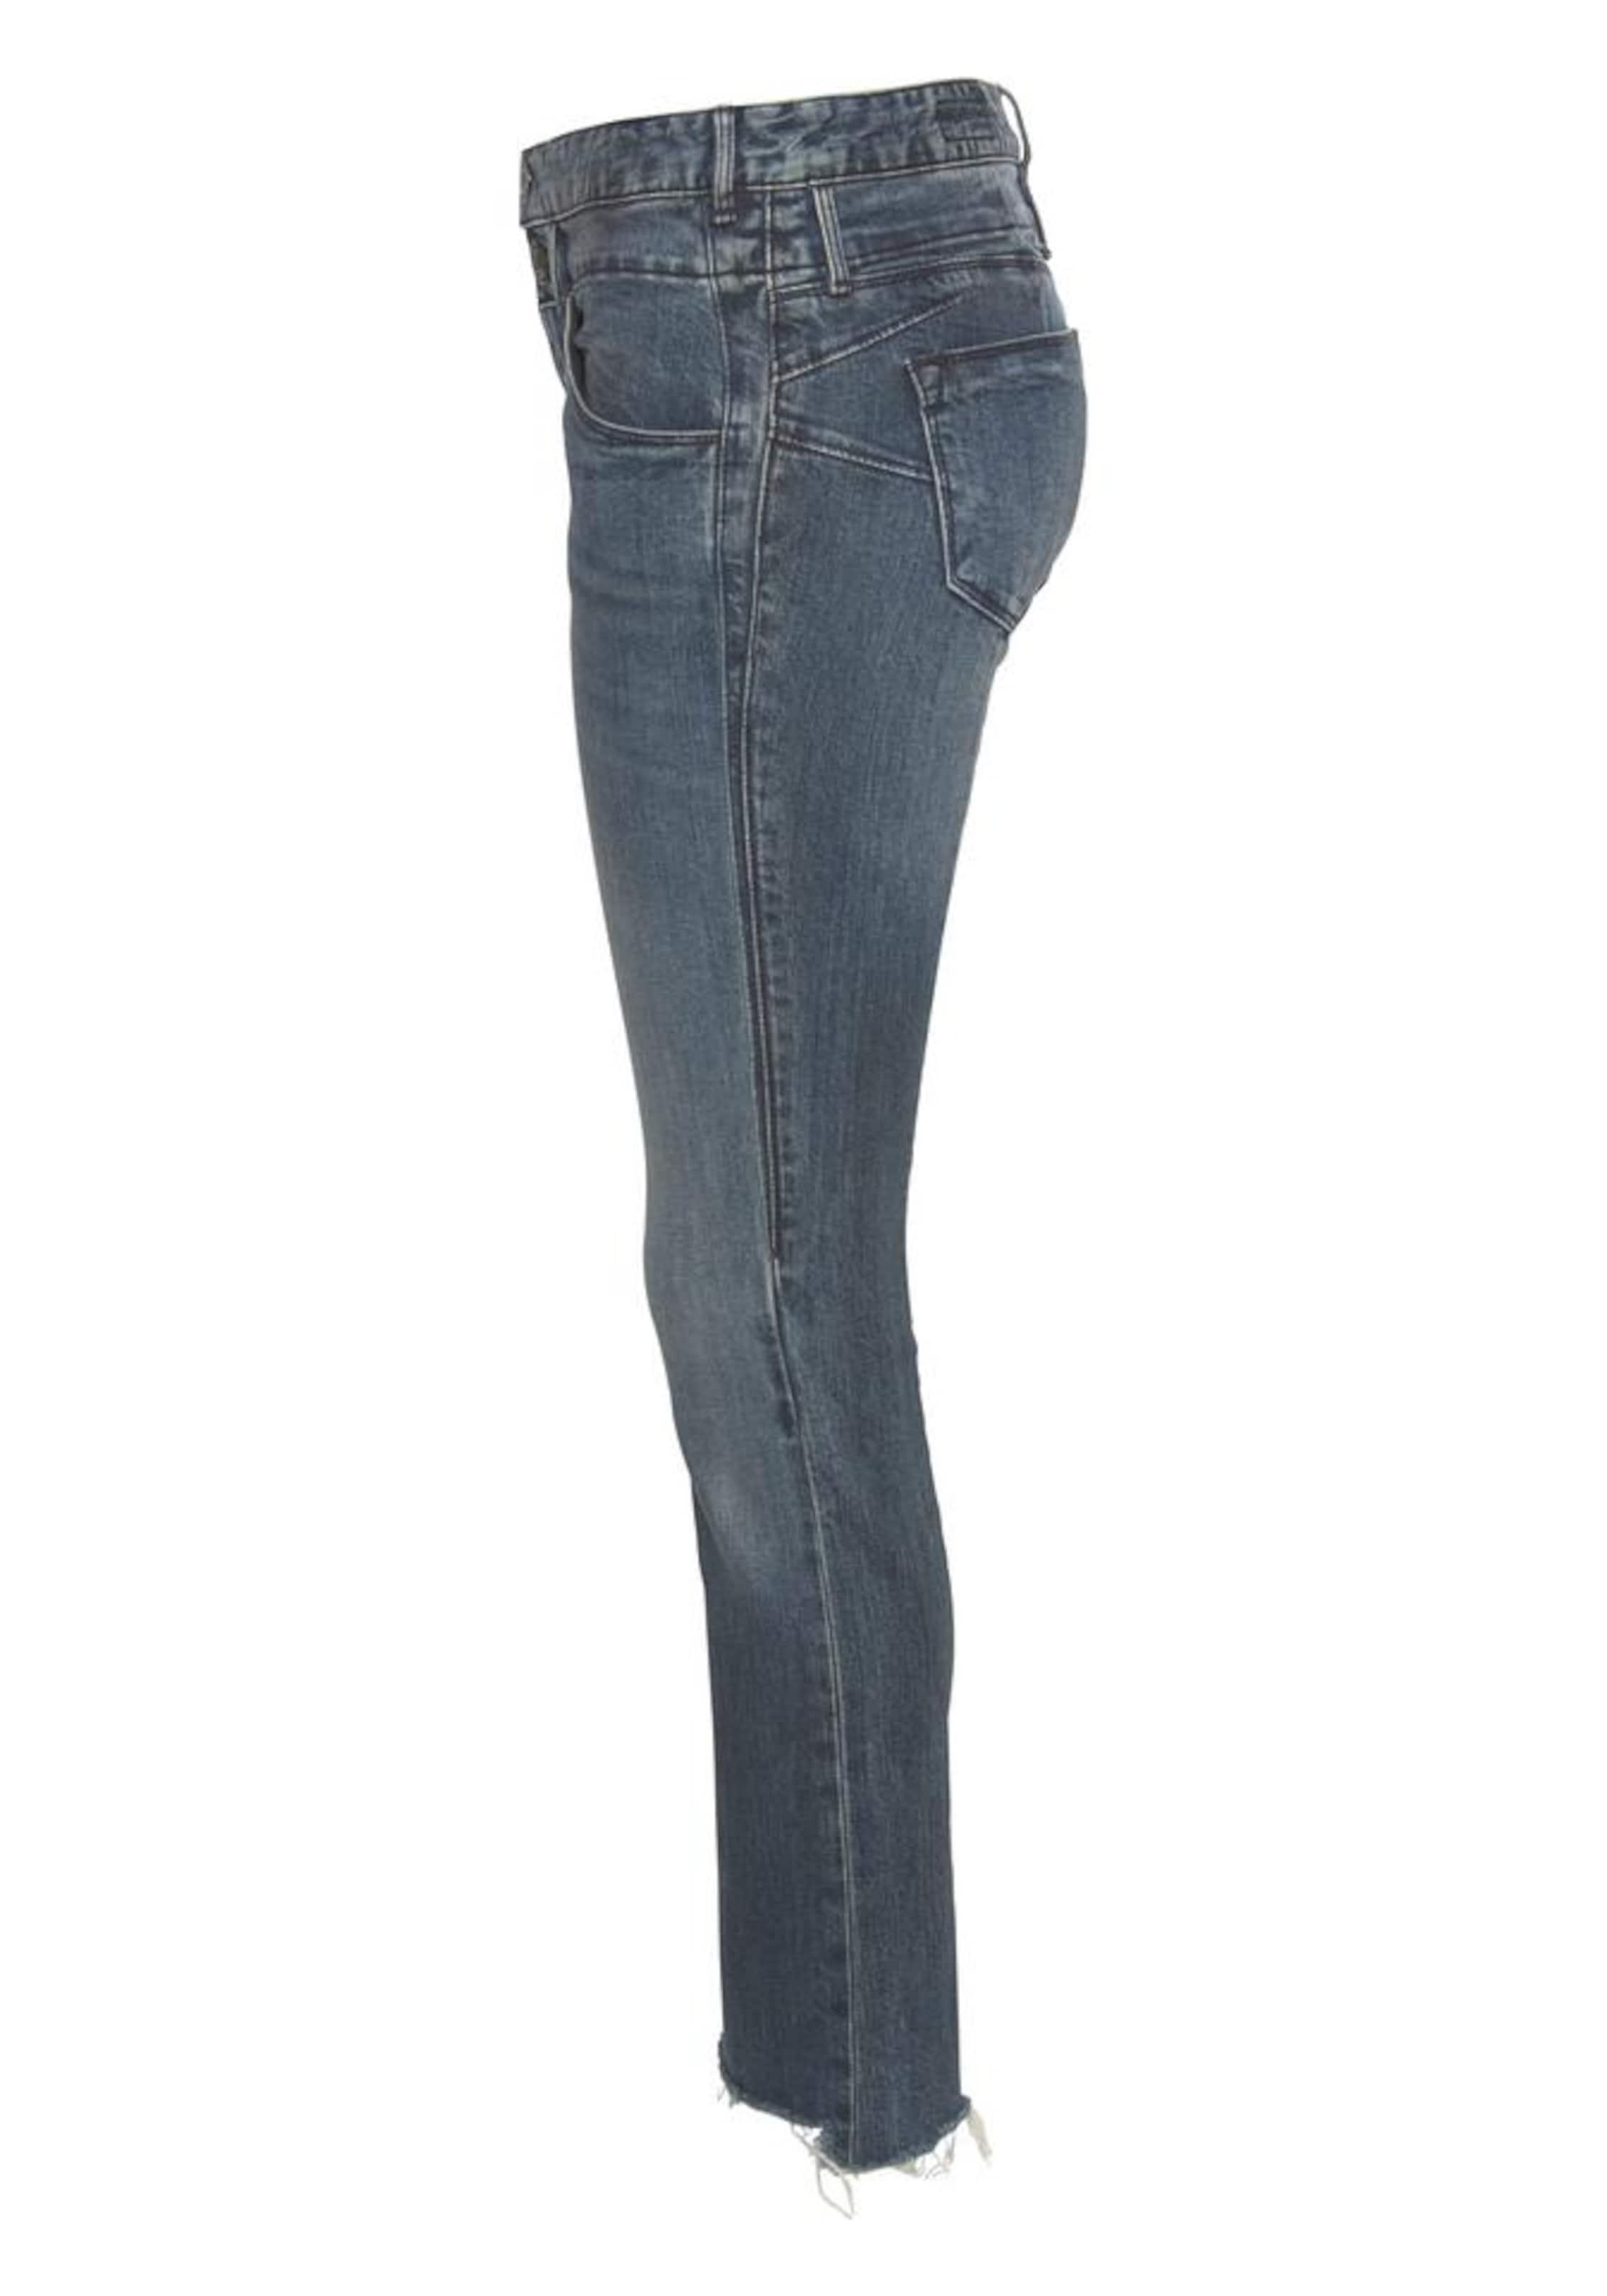 Herrlicher Jeans Cropped' Taubenblau In 'baby qSGVUMLpjz